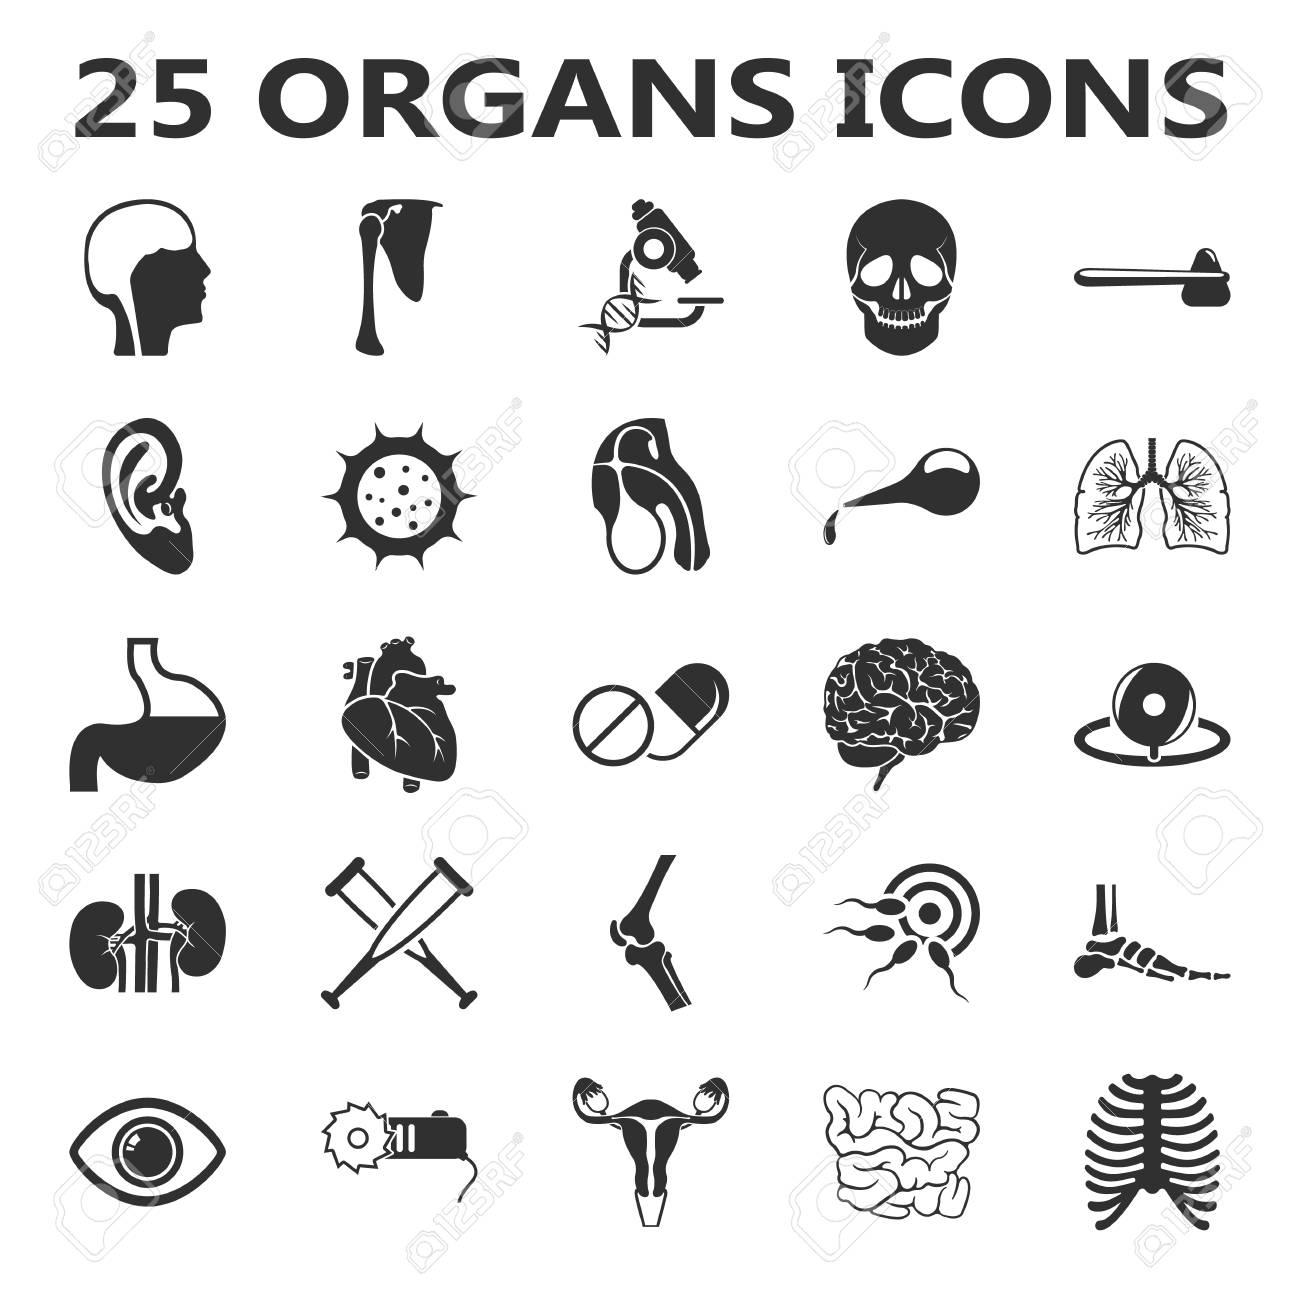 Rganos Conjunto De 25 Iconos Simples Negros. Cuerpo, Anatomía ...